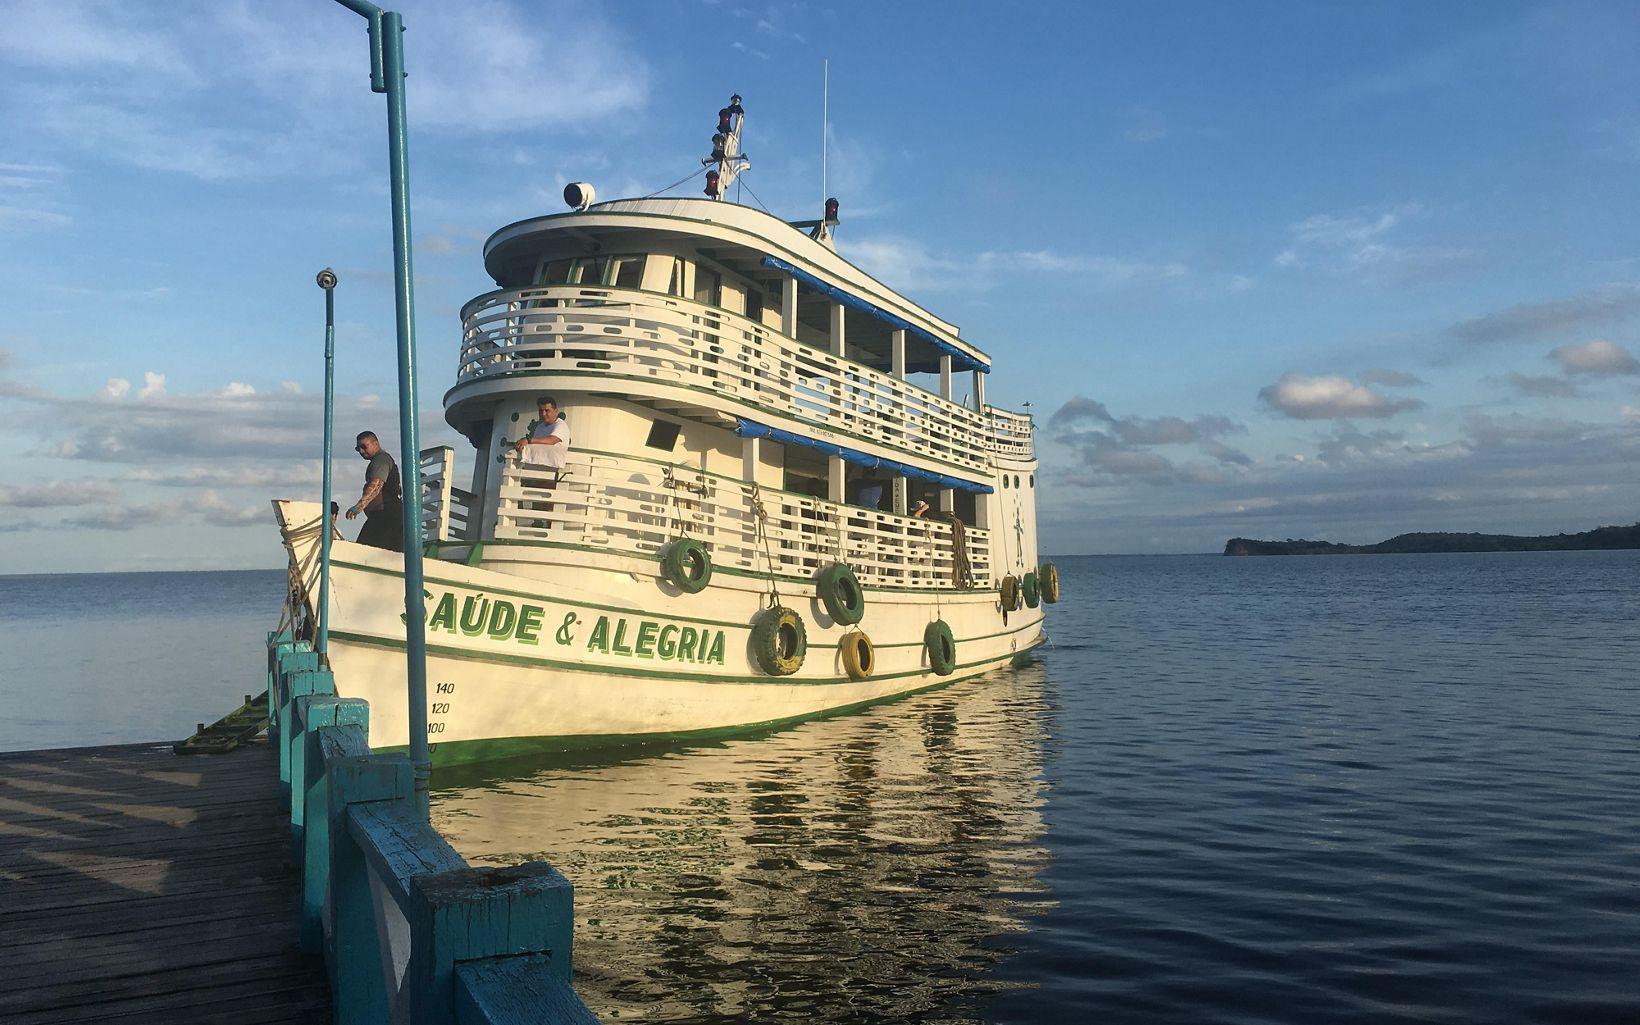 Barco do projeto Saúde & Alegria, que levou os participantes para visitar as comunidades de Solimões e Carão.